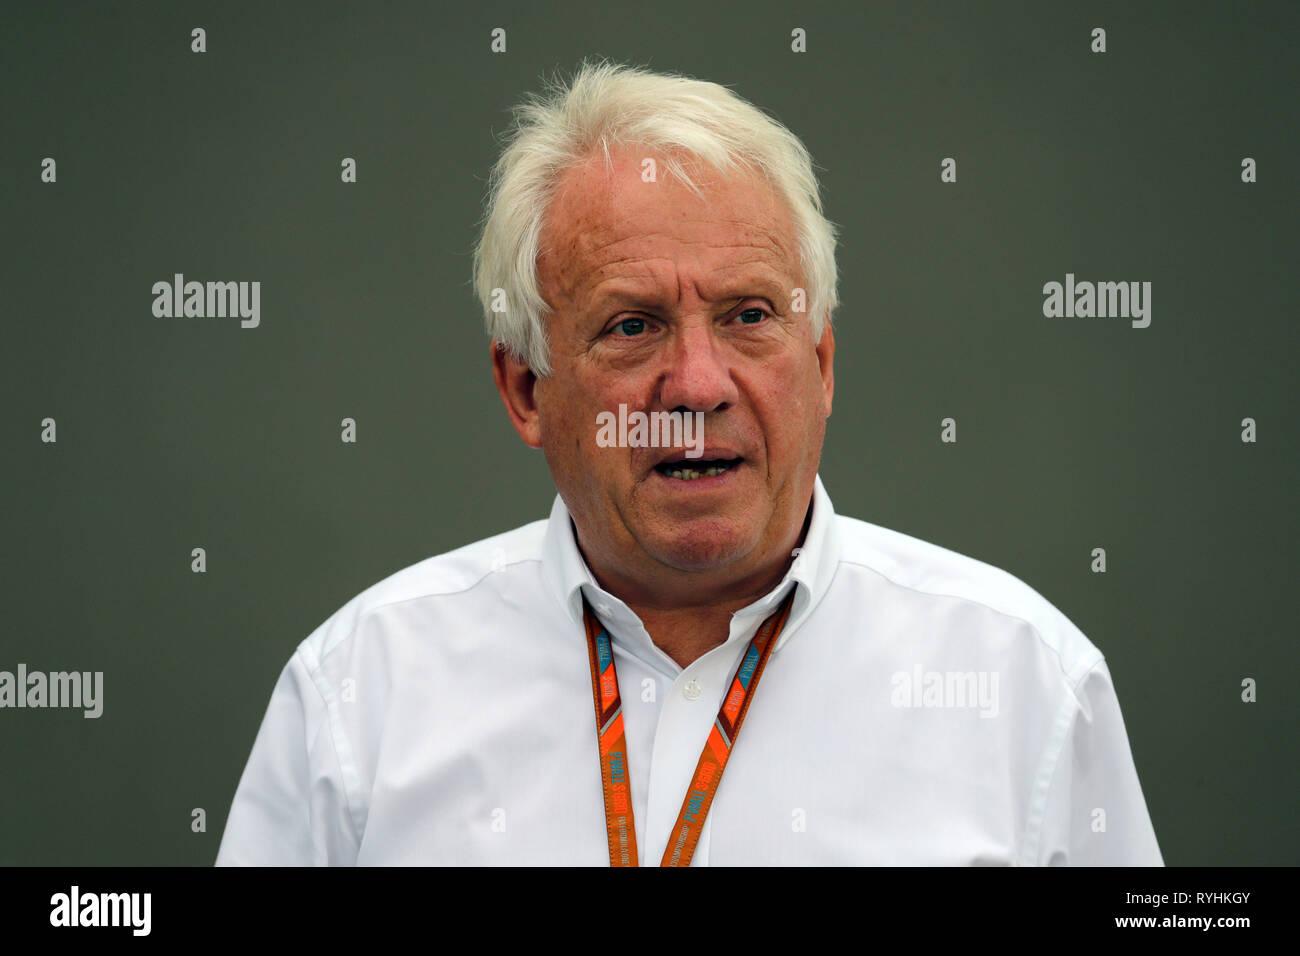 Charlie Whiting PHOTOS FICHIER F1 Le directeur de course est mort aujourd'hui, Melbourne,... Charlie Whiting PHOTOS FICHIER F1 Le directeur de course est décédé le 14 mars 2019. Singapour, Singapour. Sep 17, 2017. © Photo4/LaPresse 17/09/2017 Singapore, Singapour Sport Grand Prix Formula One 2017 Singapour dans le pic: Charlie Whiting (GBR), directeur de course et délégué Crédit: LaPresse/Alamy Live News Banque D'Images